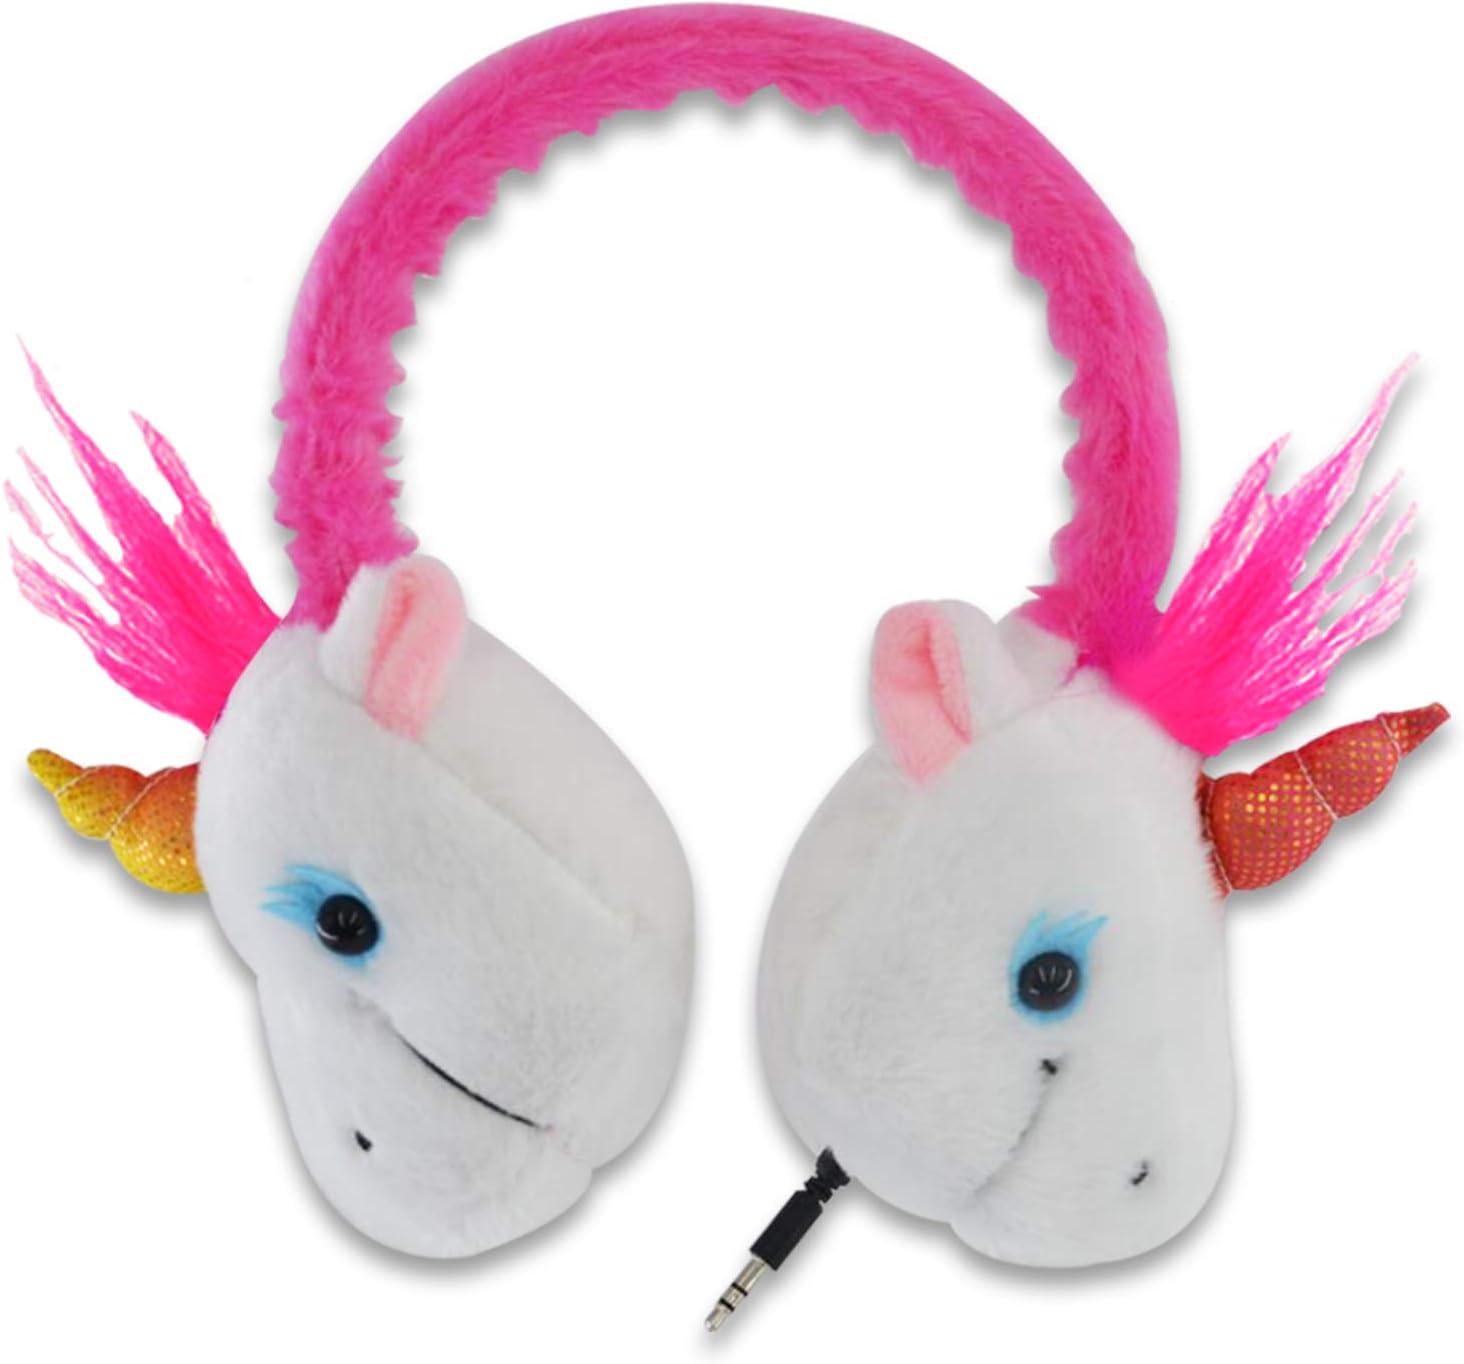 Einhorn Kopfhörer Für Mädchen Kinder Teenager Mit Elektronik